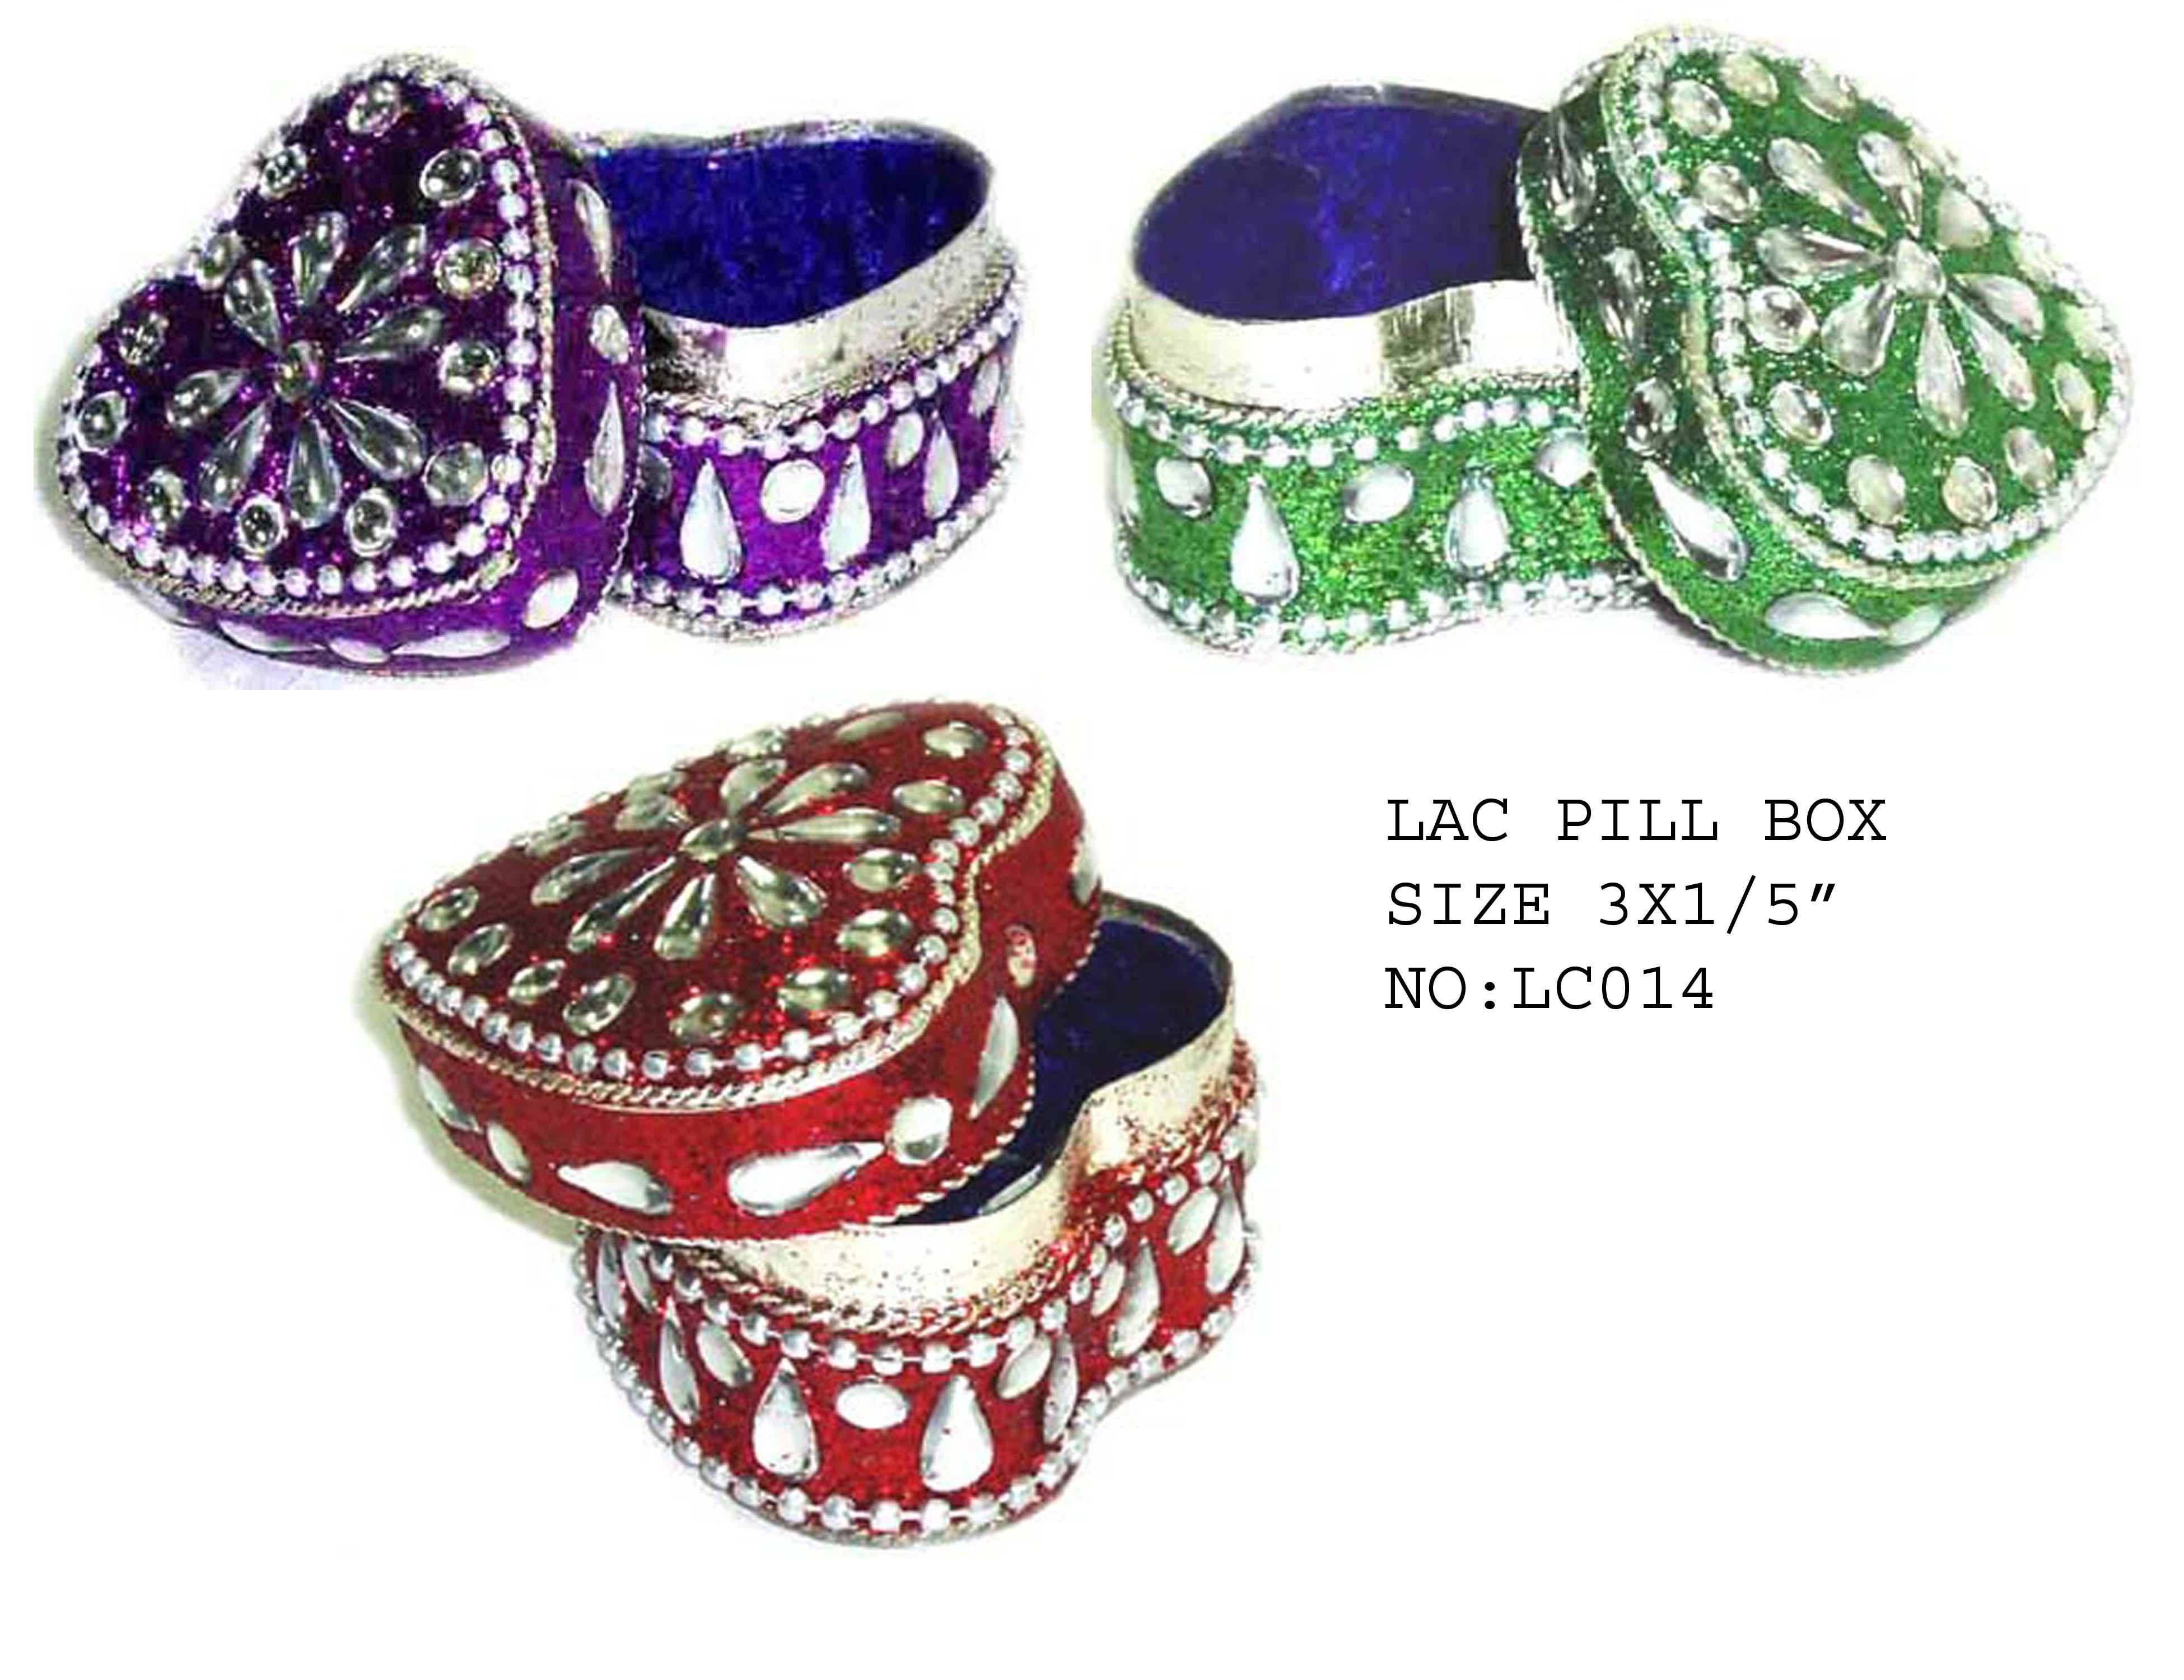 Lac Pill Box Mugal Art Glass Manufacturer Supplier